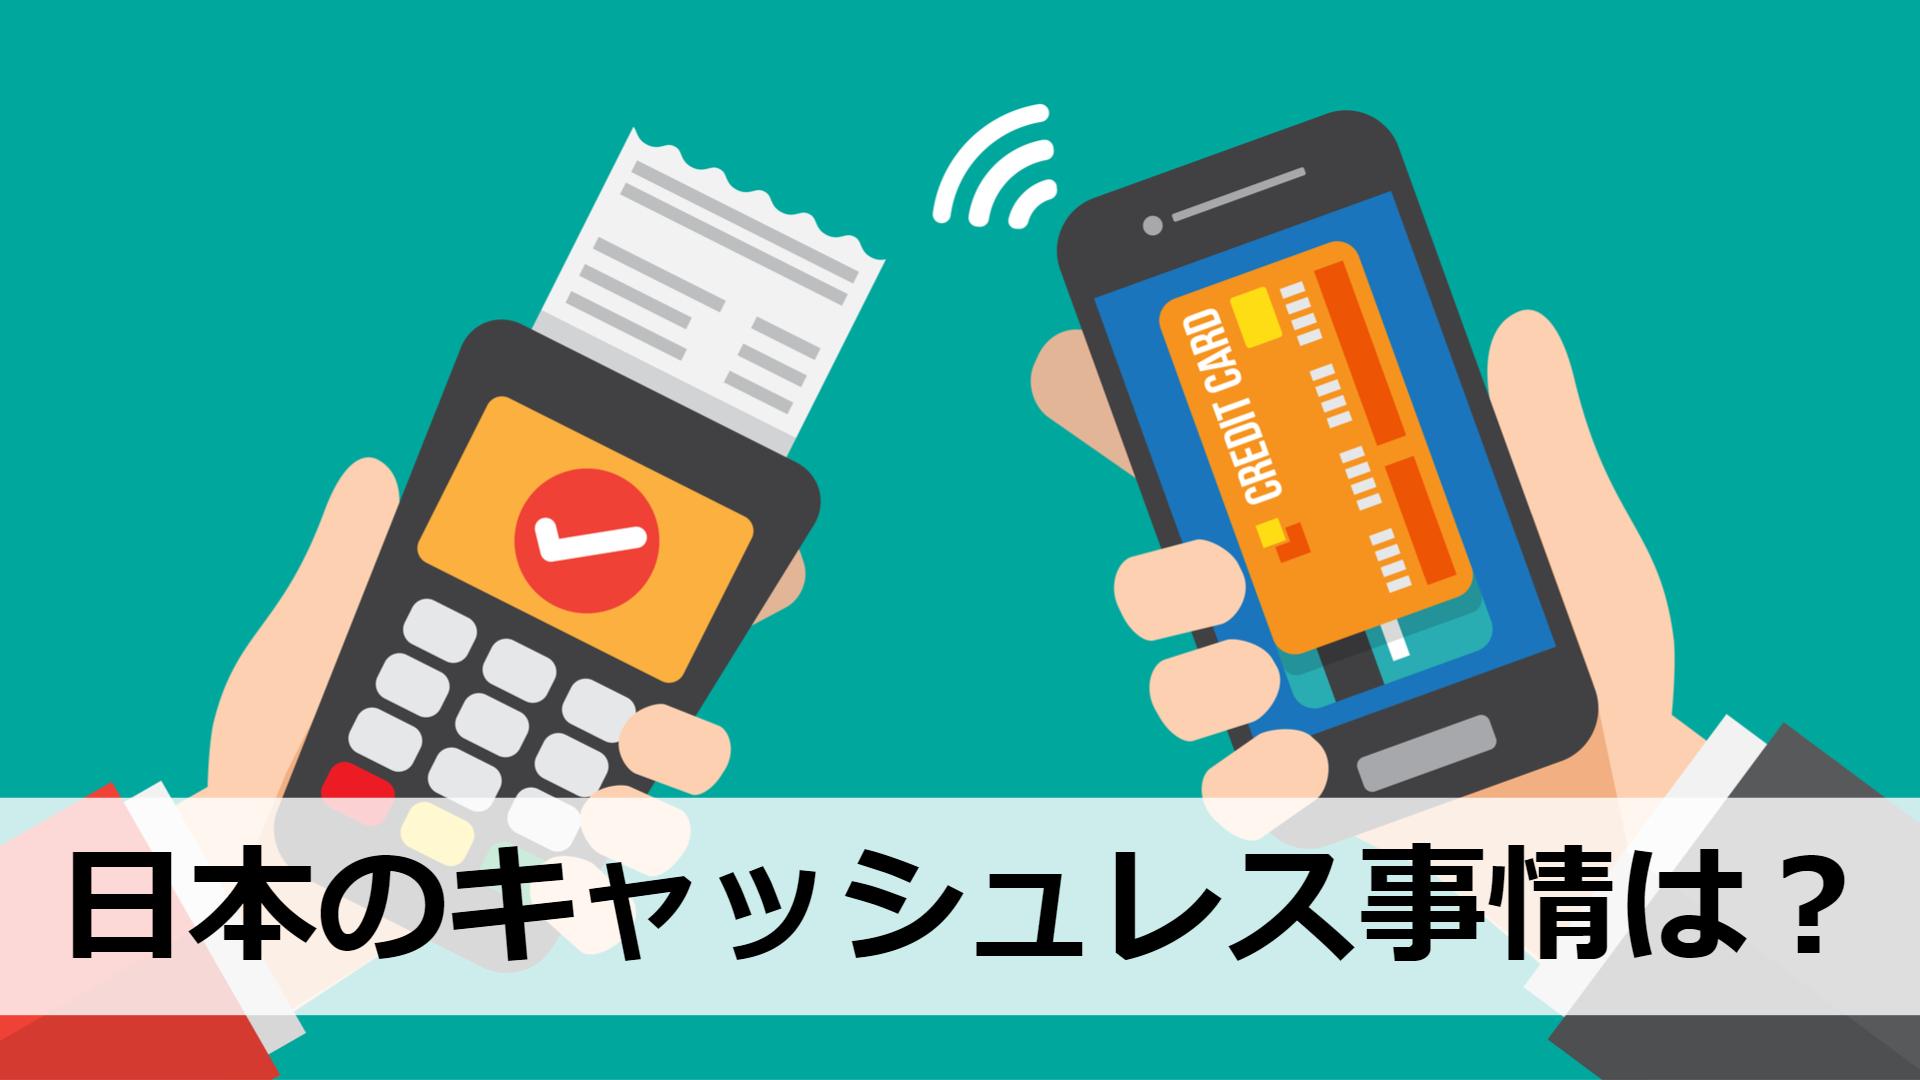 現金主義な日本のキャッシュレス化推進と課題・海外との比較・メリット・デメリットを解説!